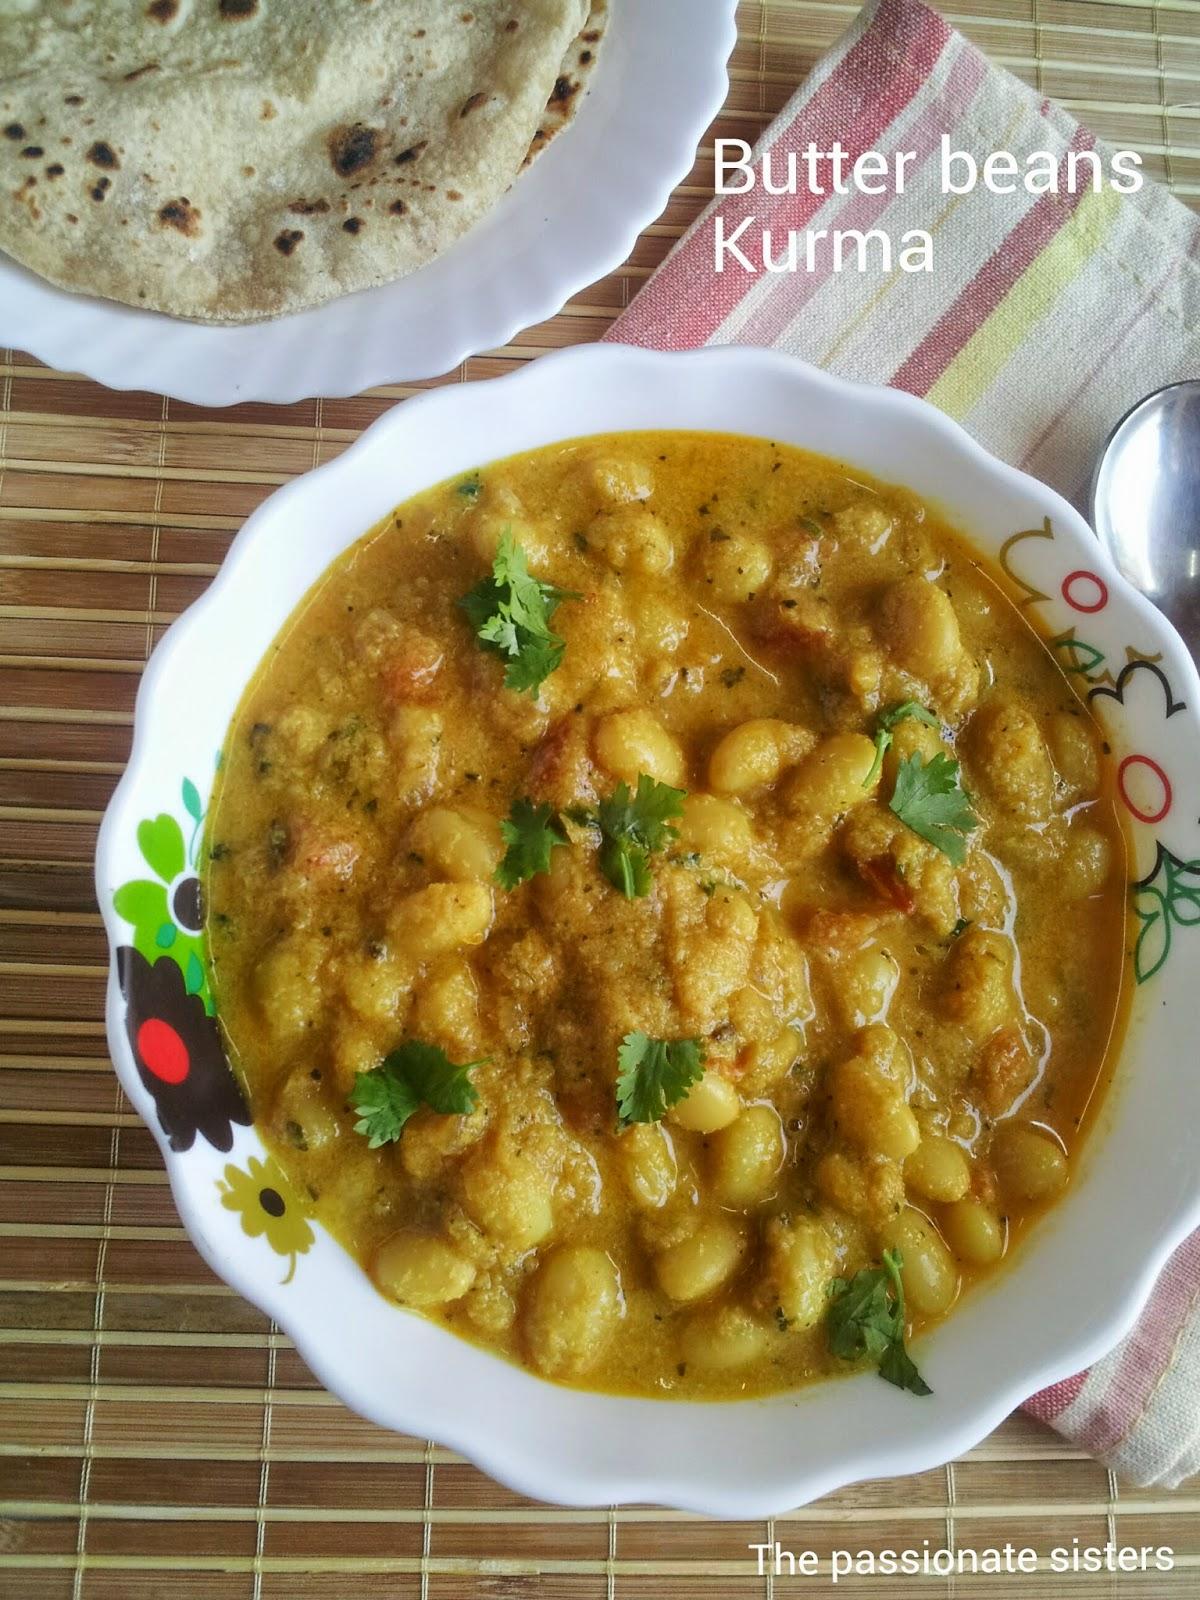 butter beans kurma